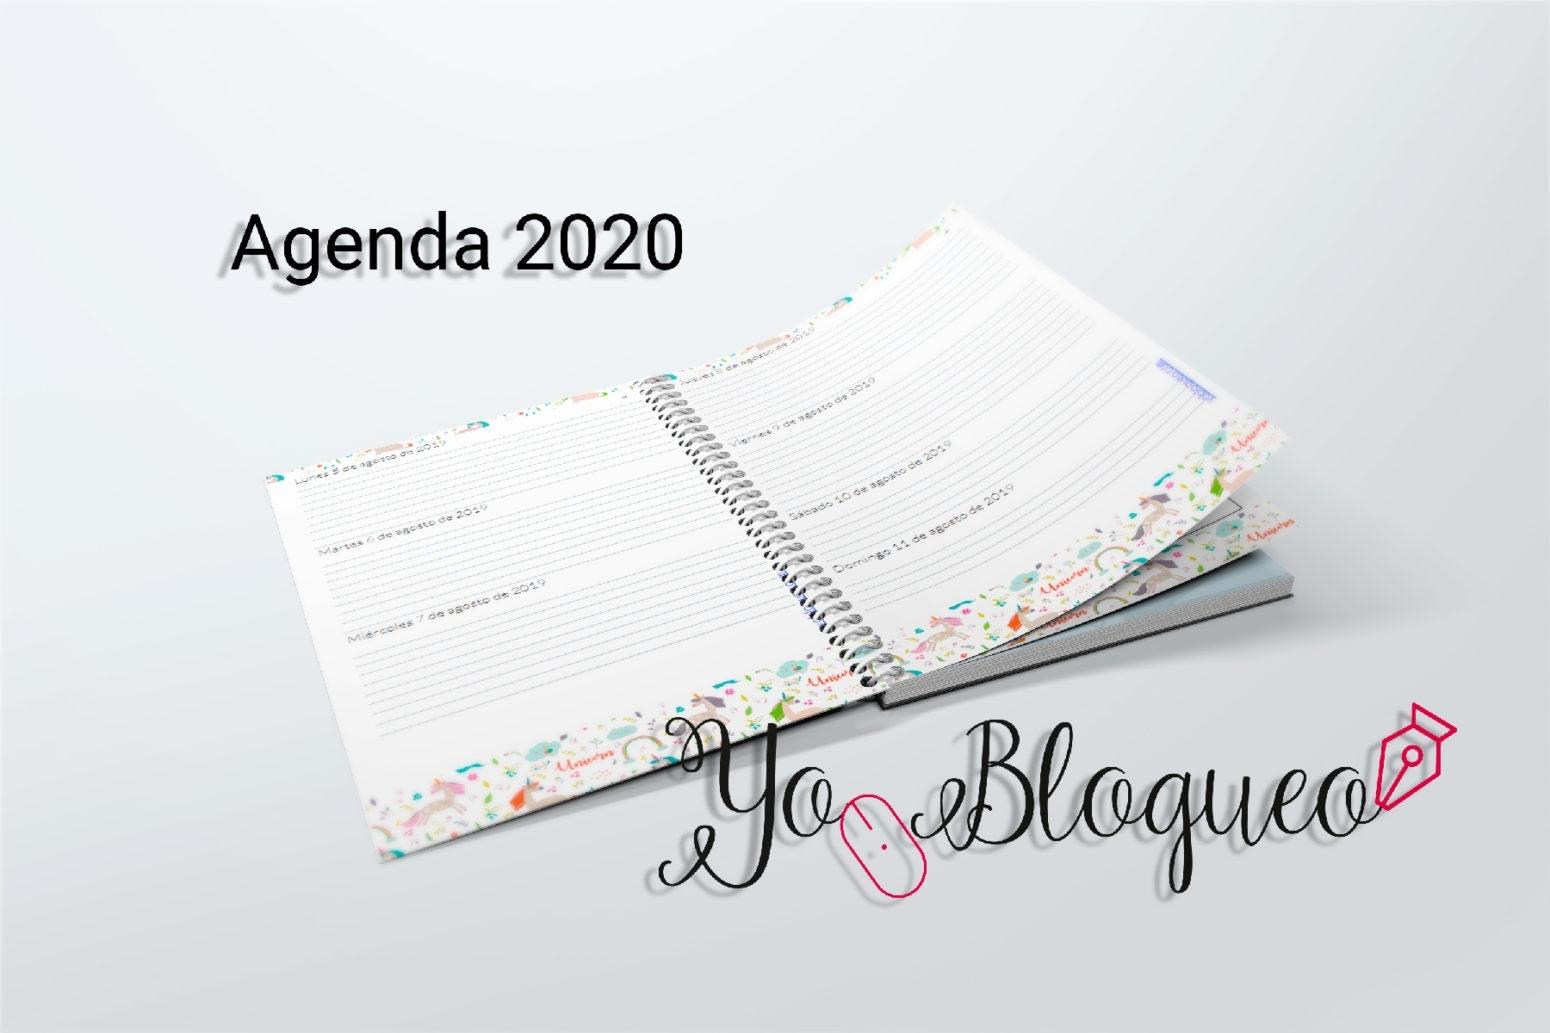 Agenda 2020 Imprimible Gratis Con Más De 390 Páginas   Yo